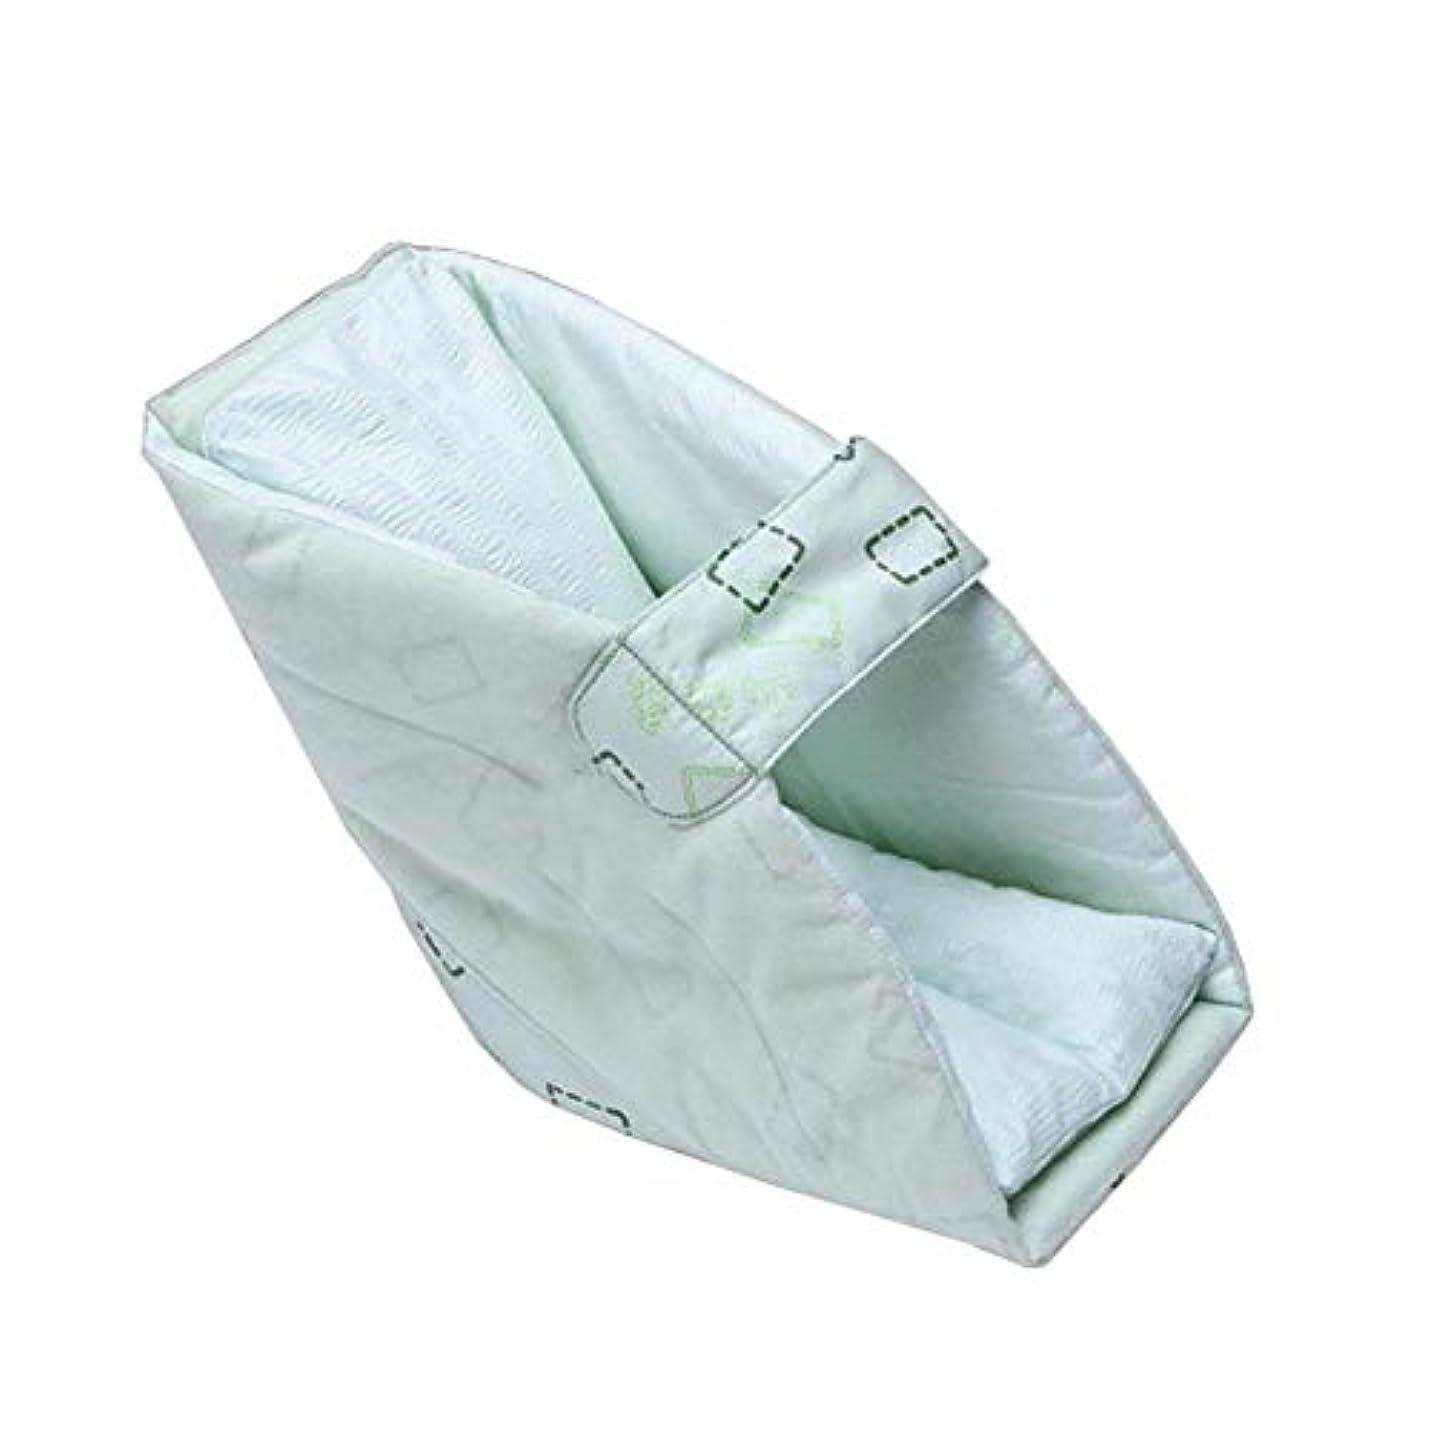 契約した広範囲汚れる足首フットカバー、ヒールフットドロップ保護パッド、車椅子の耐摩耗性フットカバーベッド患者ケア製品